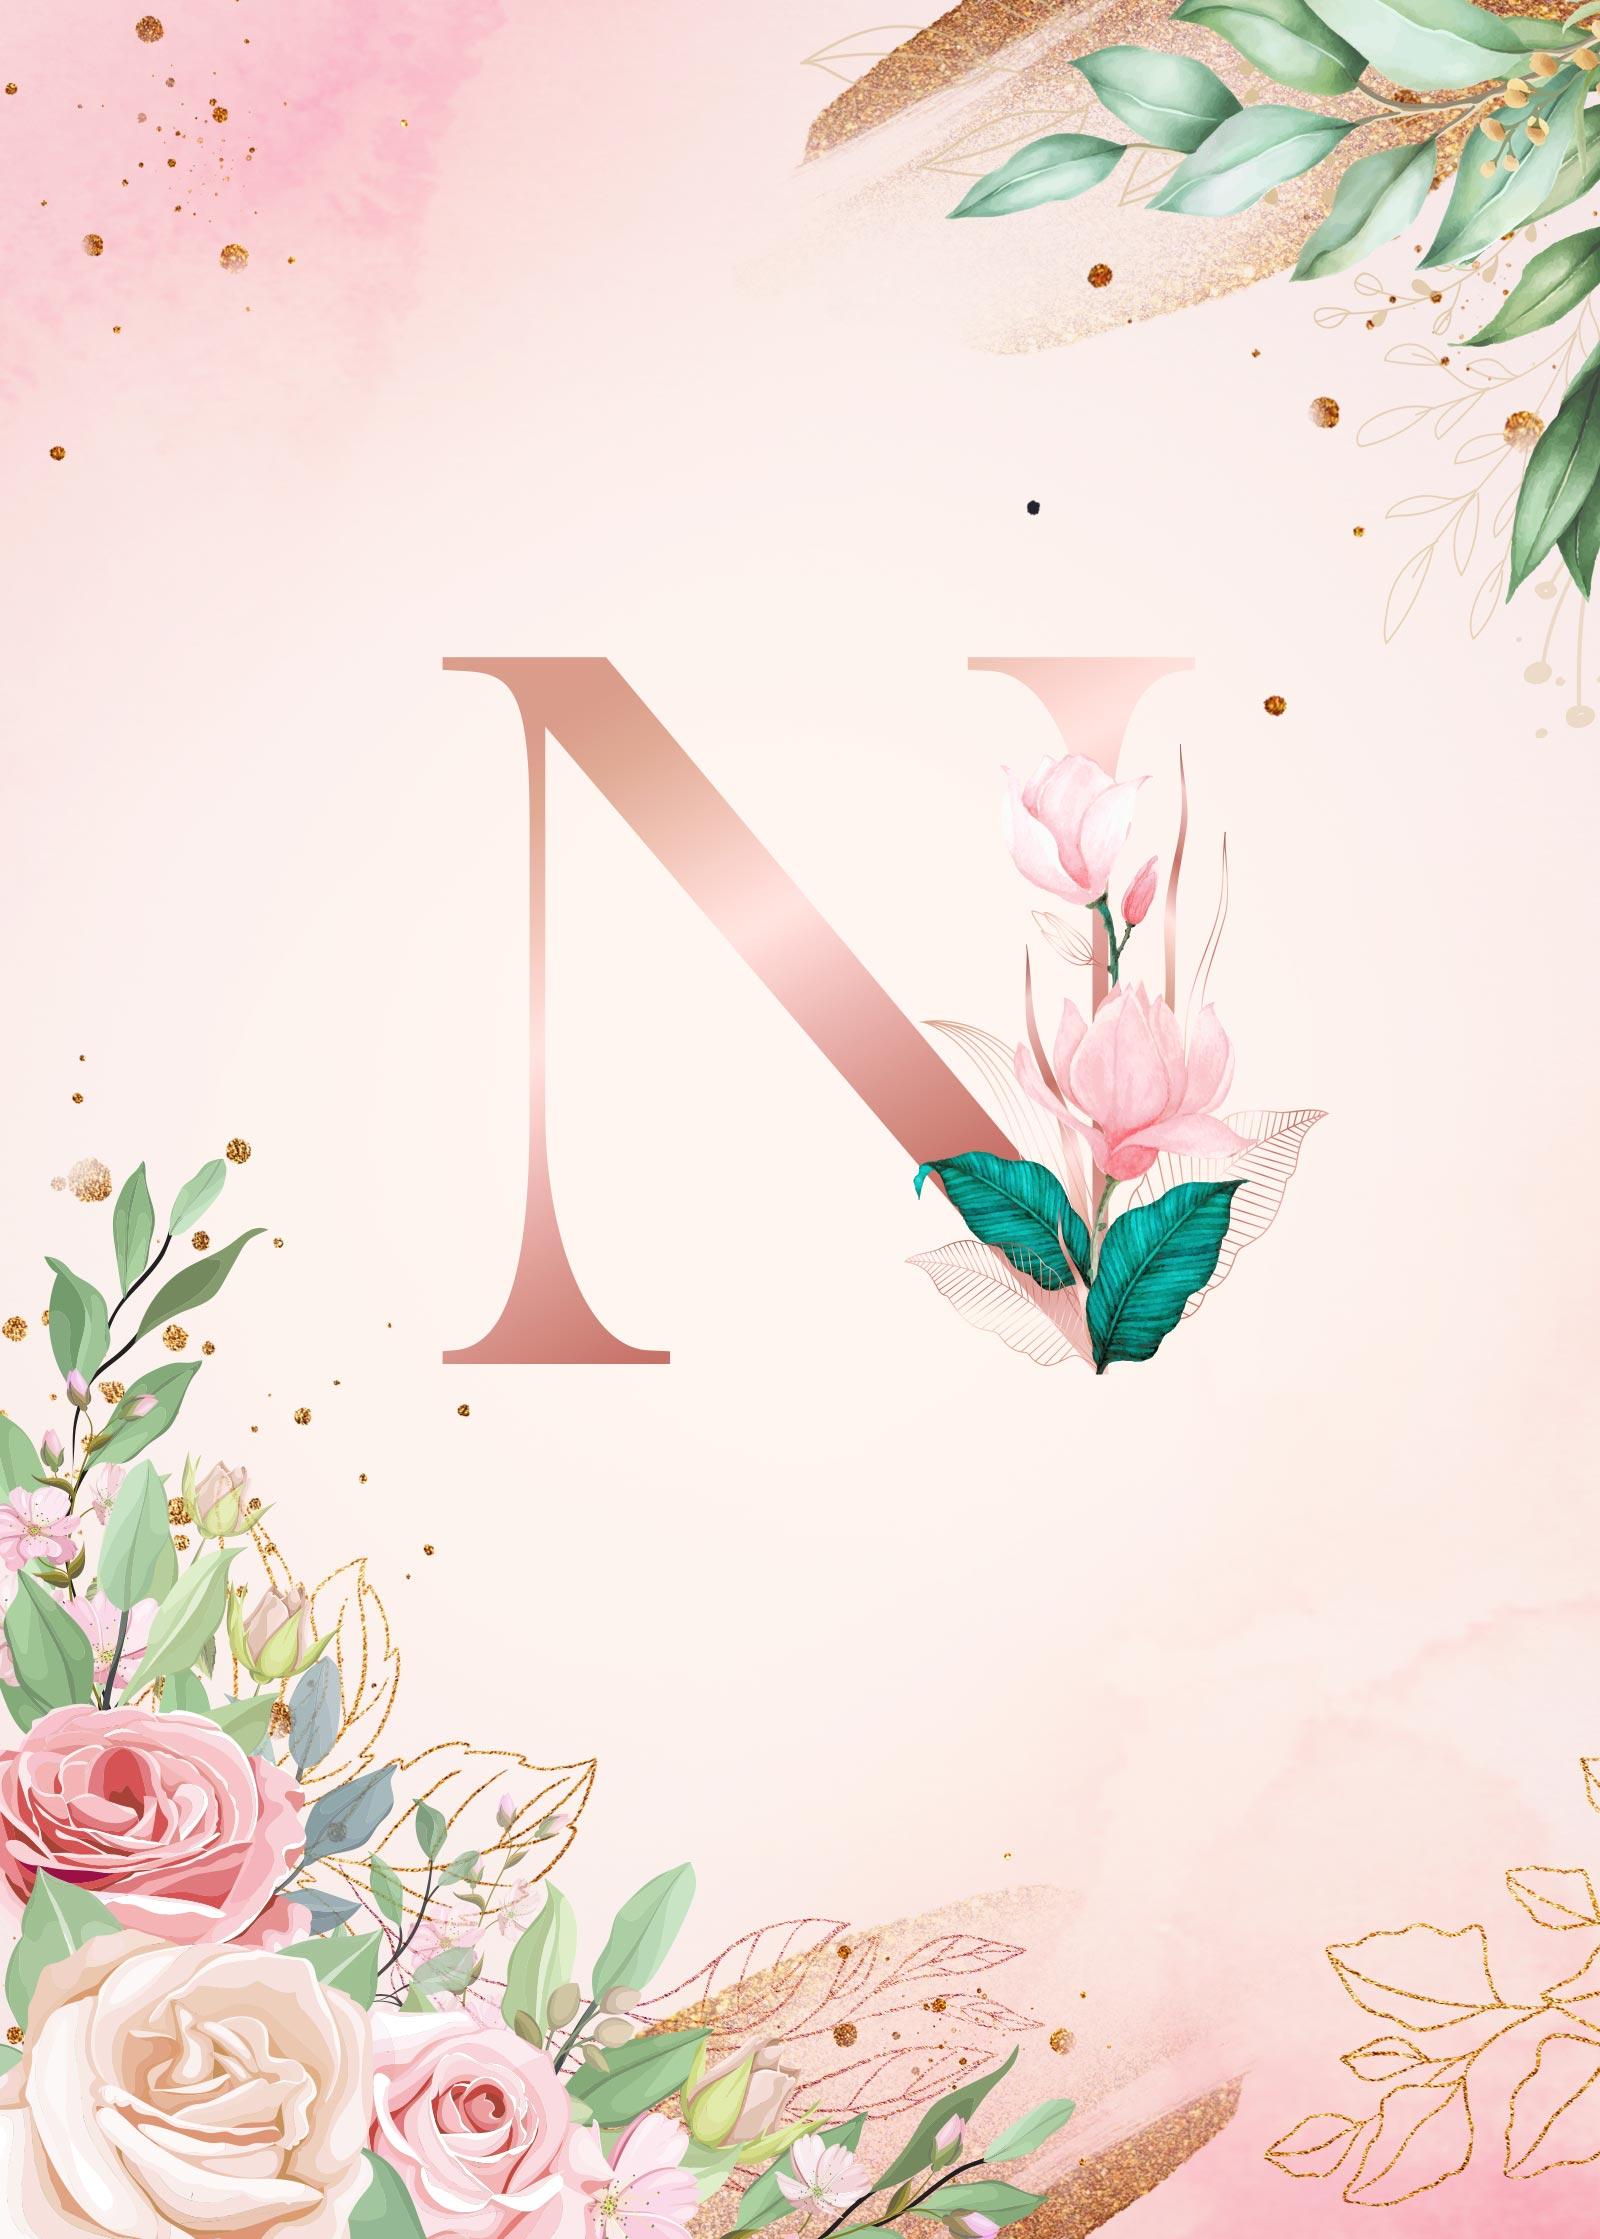 Capa Planner Floral Inicial N